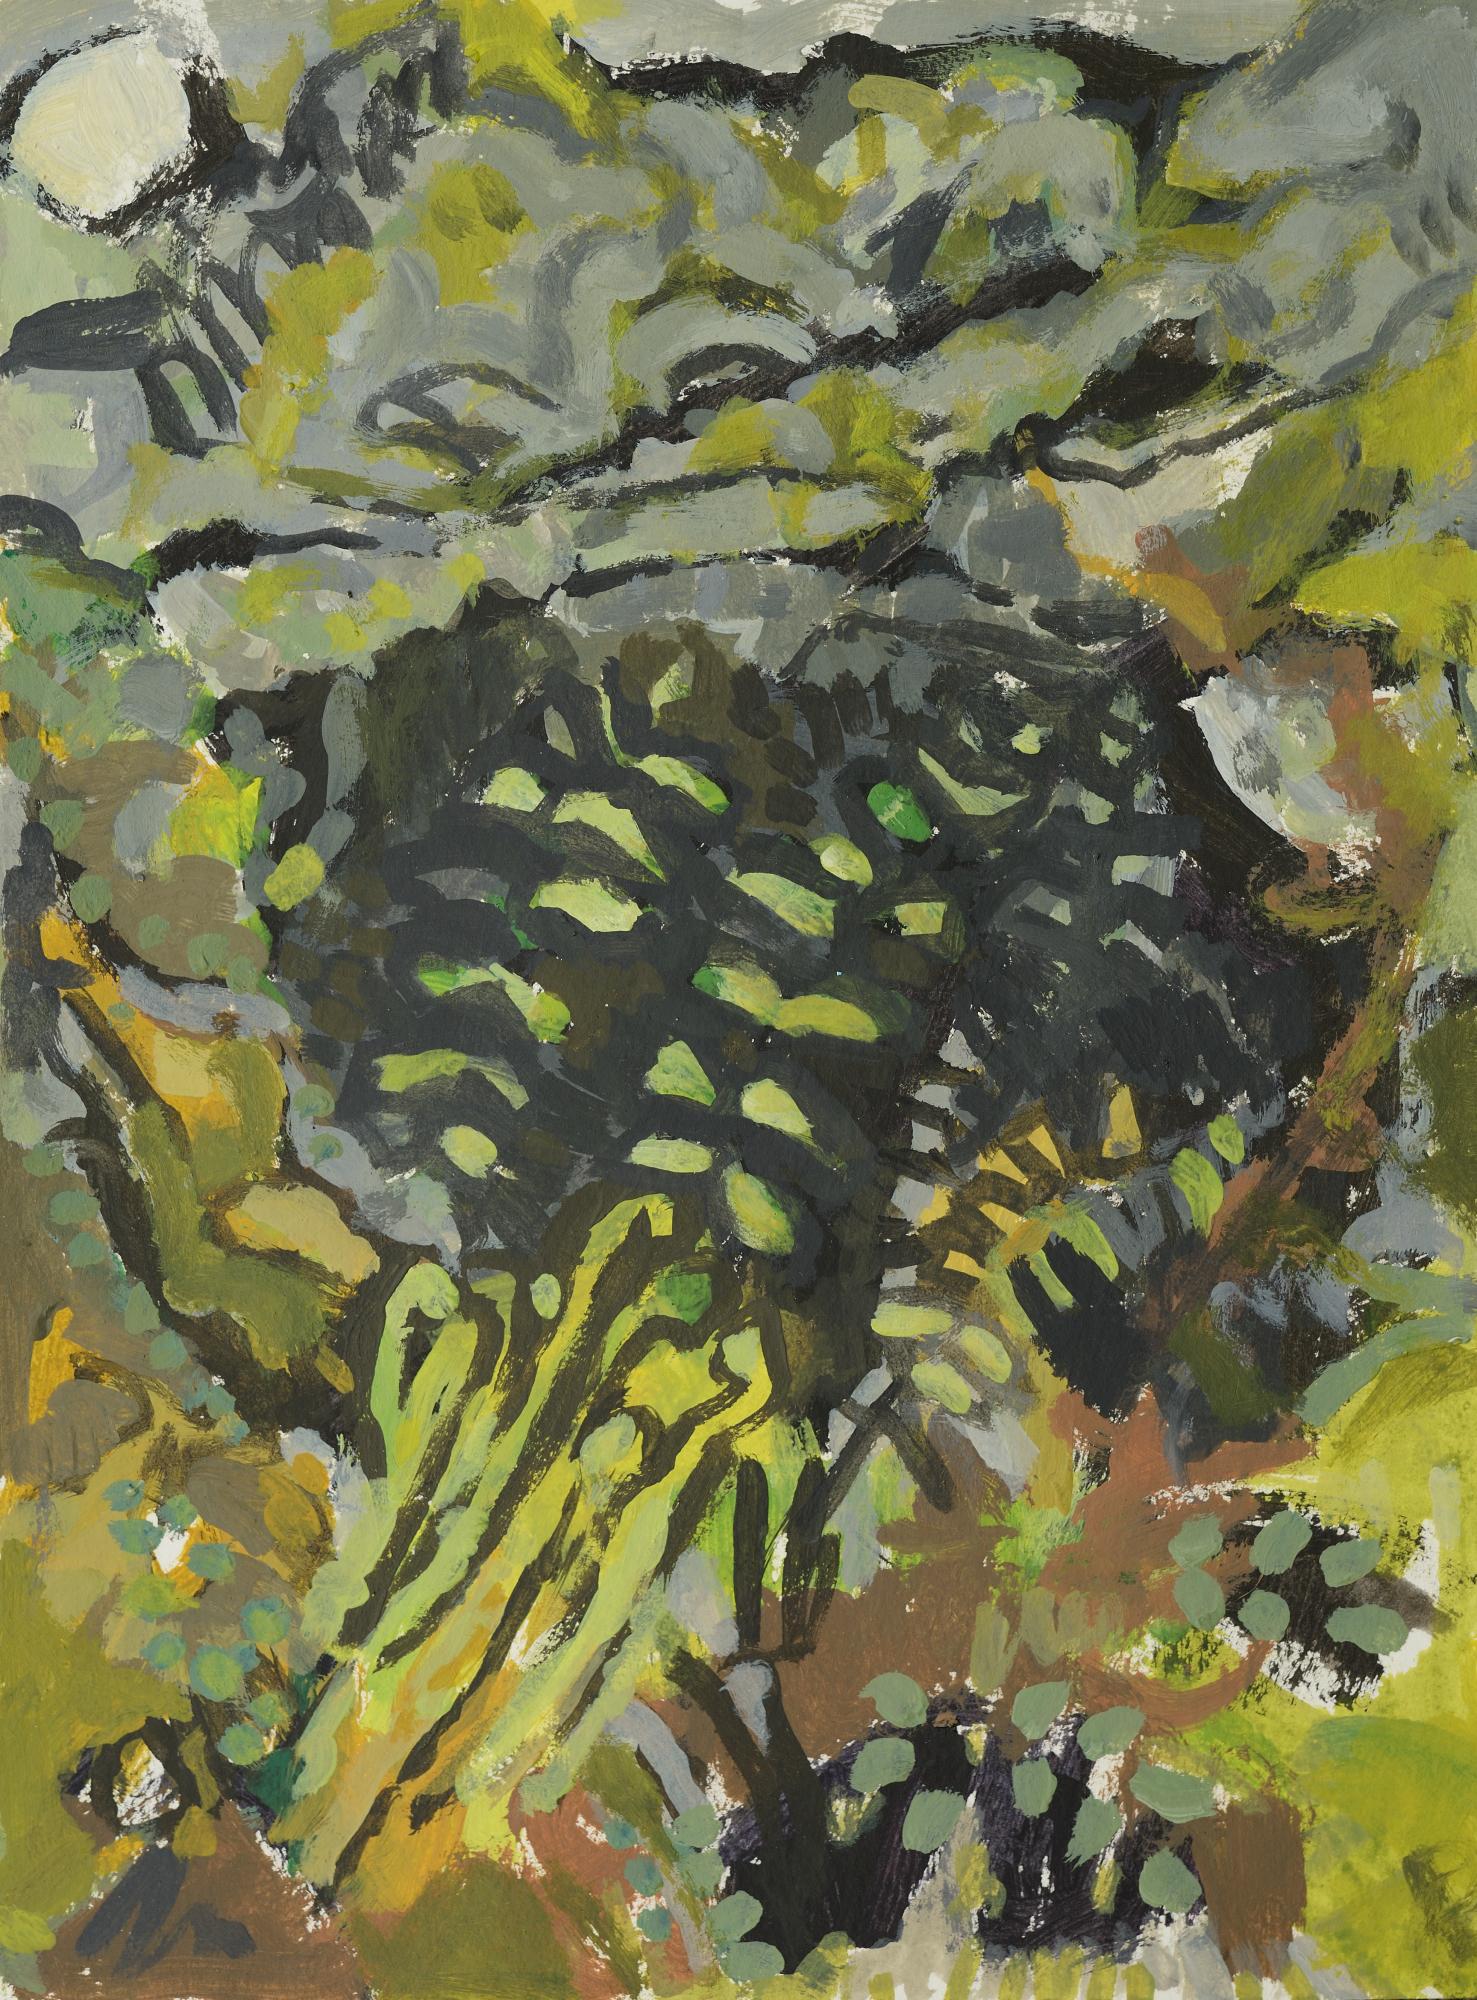 Wall Ferns